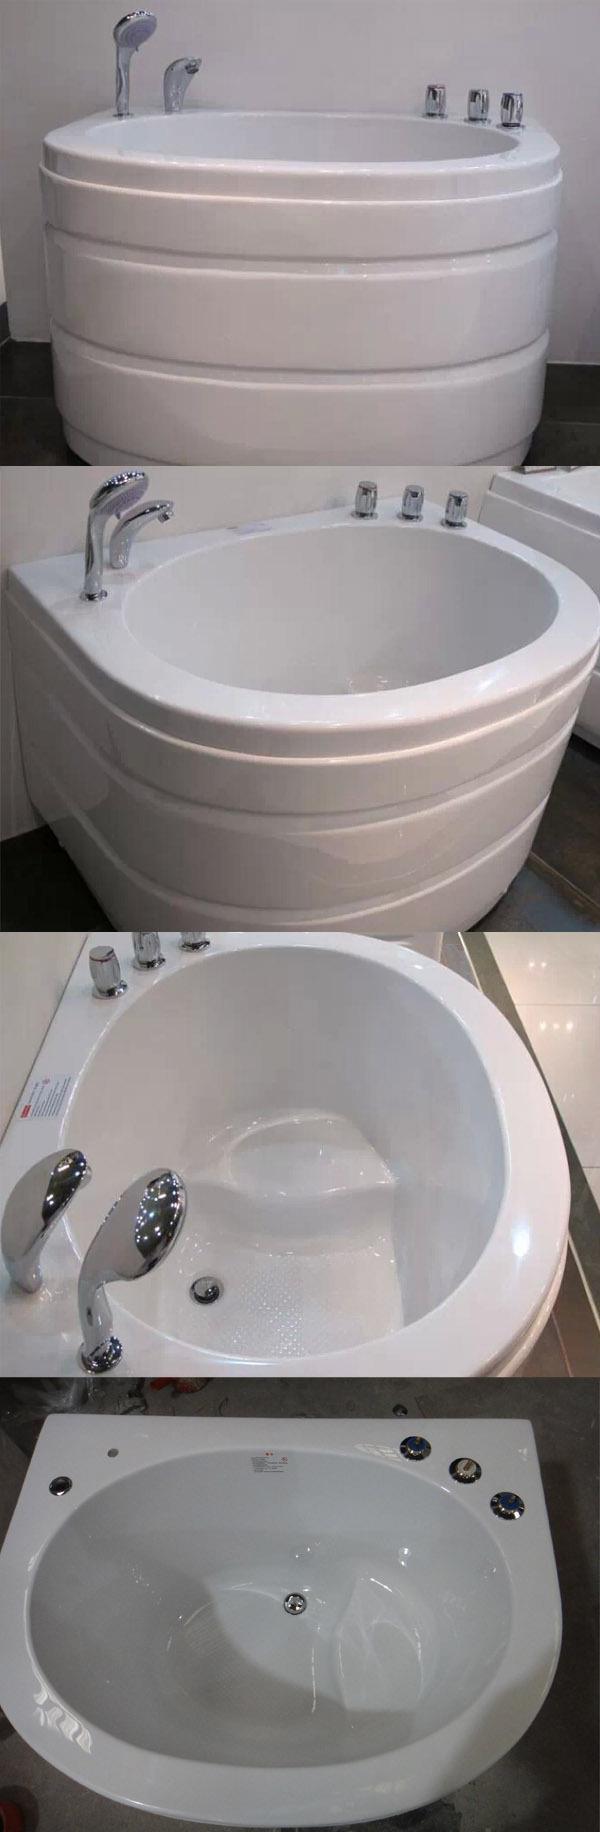 Hs-b02 Small Sitting Bathtub/ Child Size Bath Tub/ Children Bathtubs ...